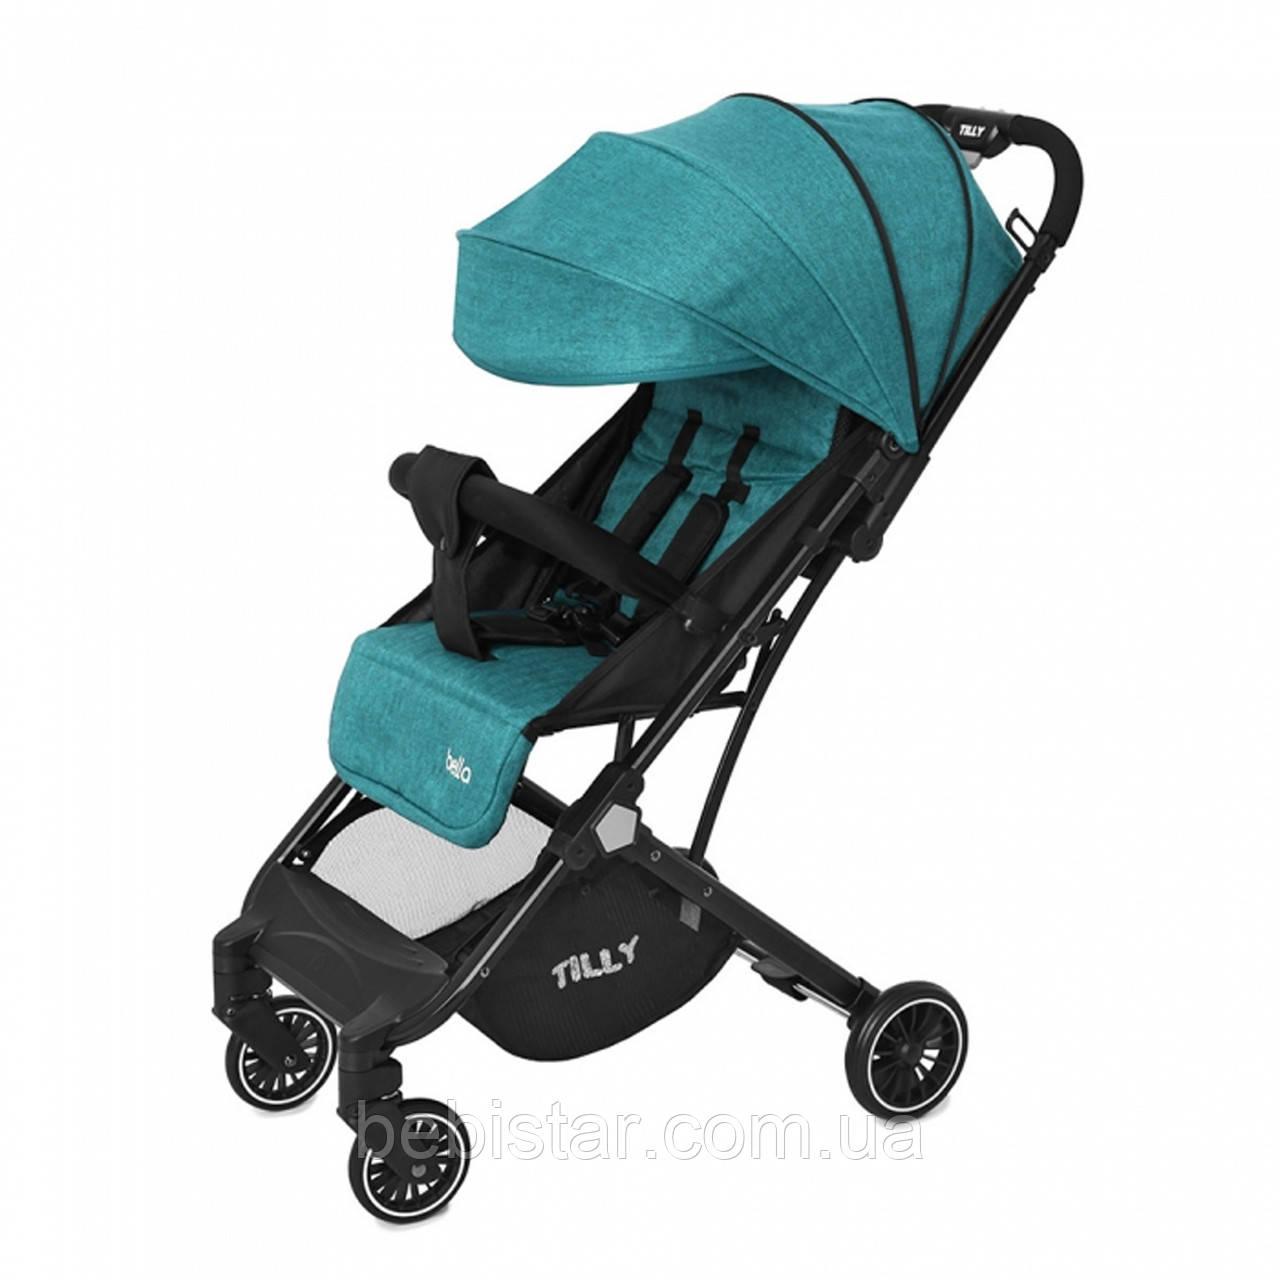 Дитяча прогулянкова коляска зелена Tilly Bella T-163 Pear Green для діток від 6 до 36 місяців